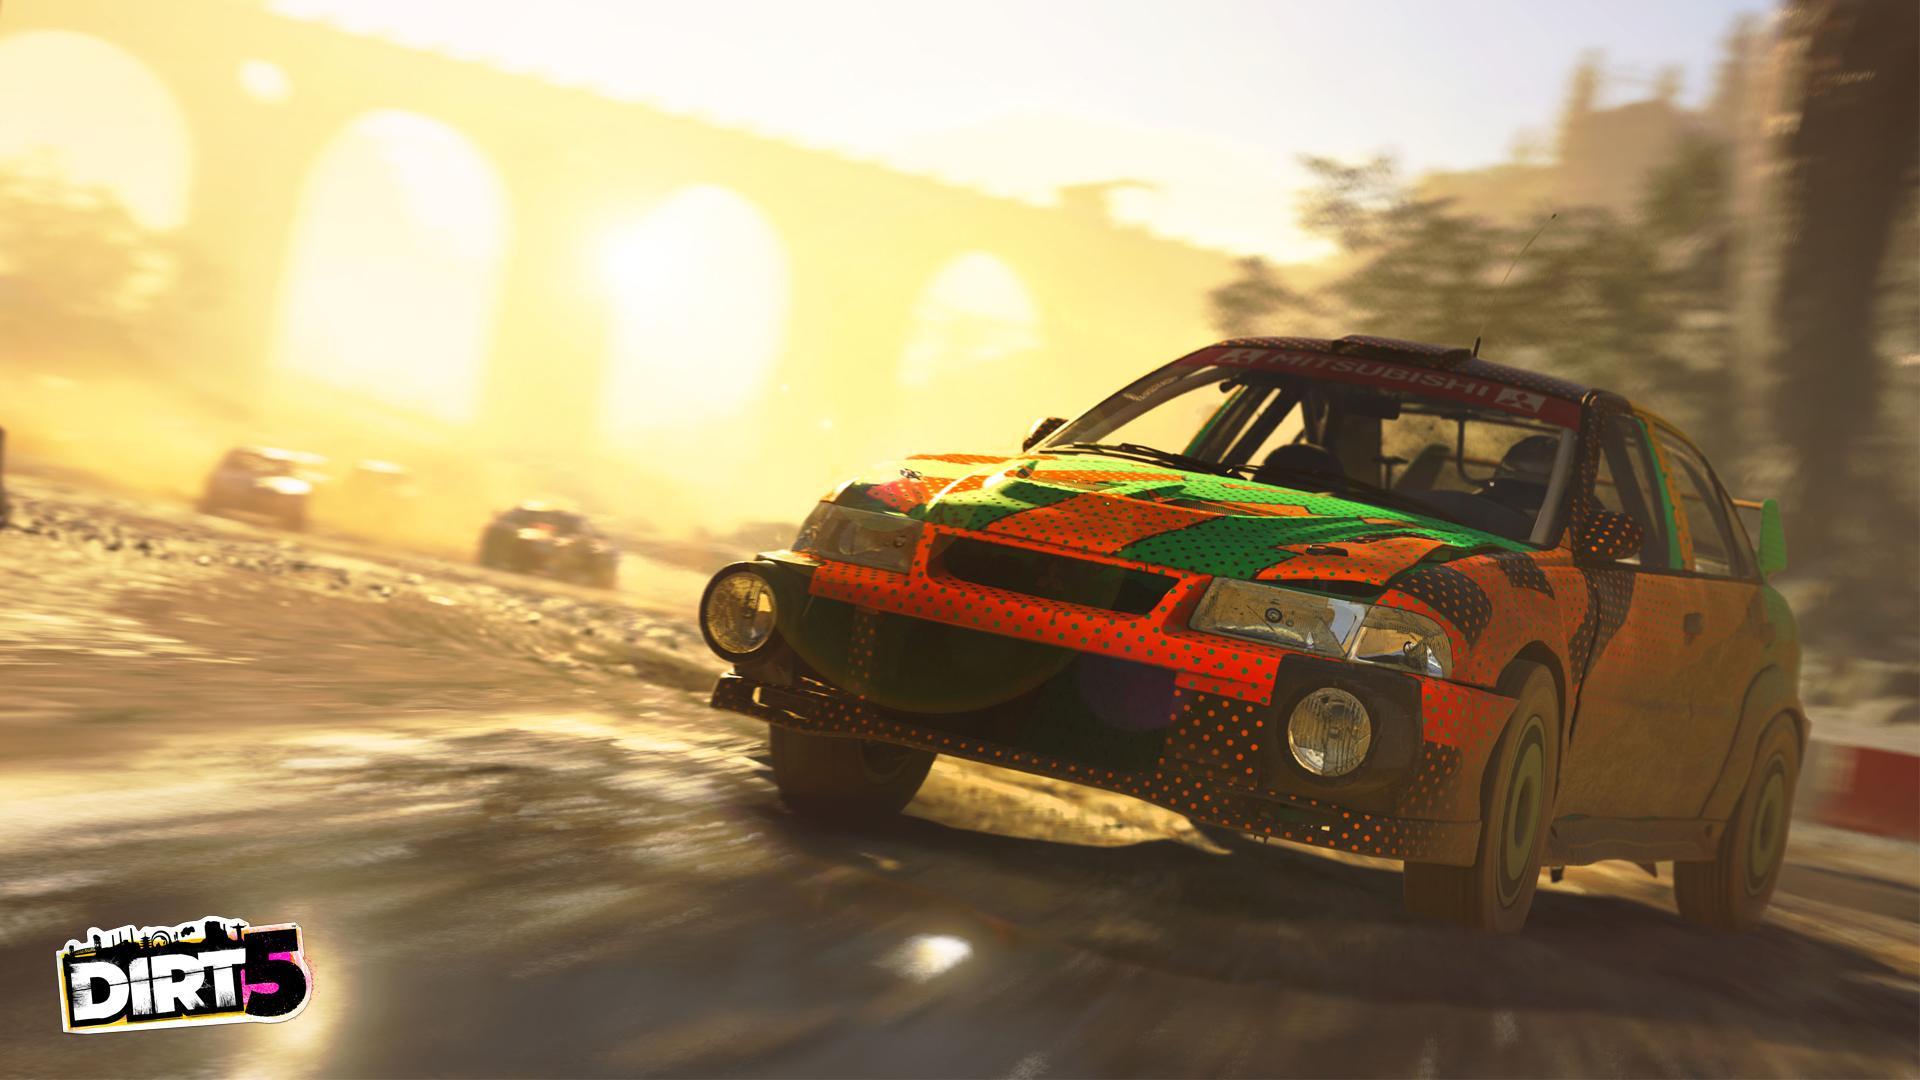 dirt 5 game wallpaper 72469